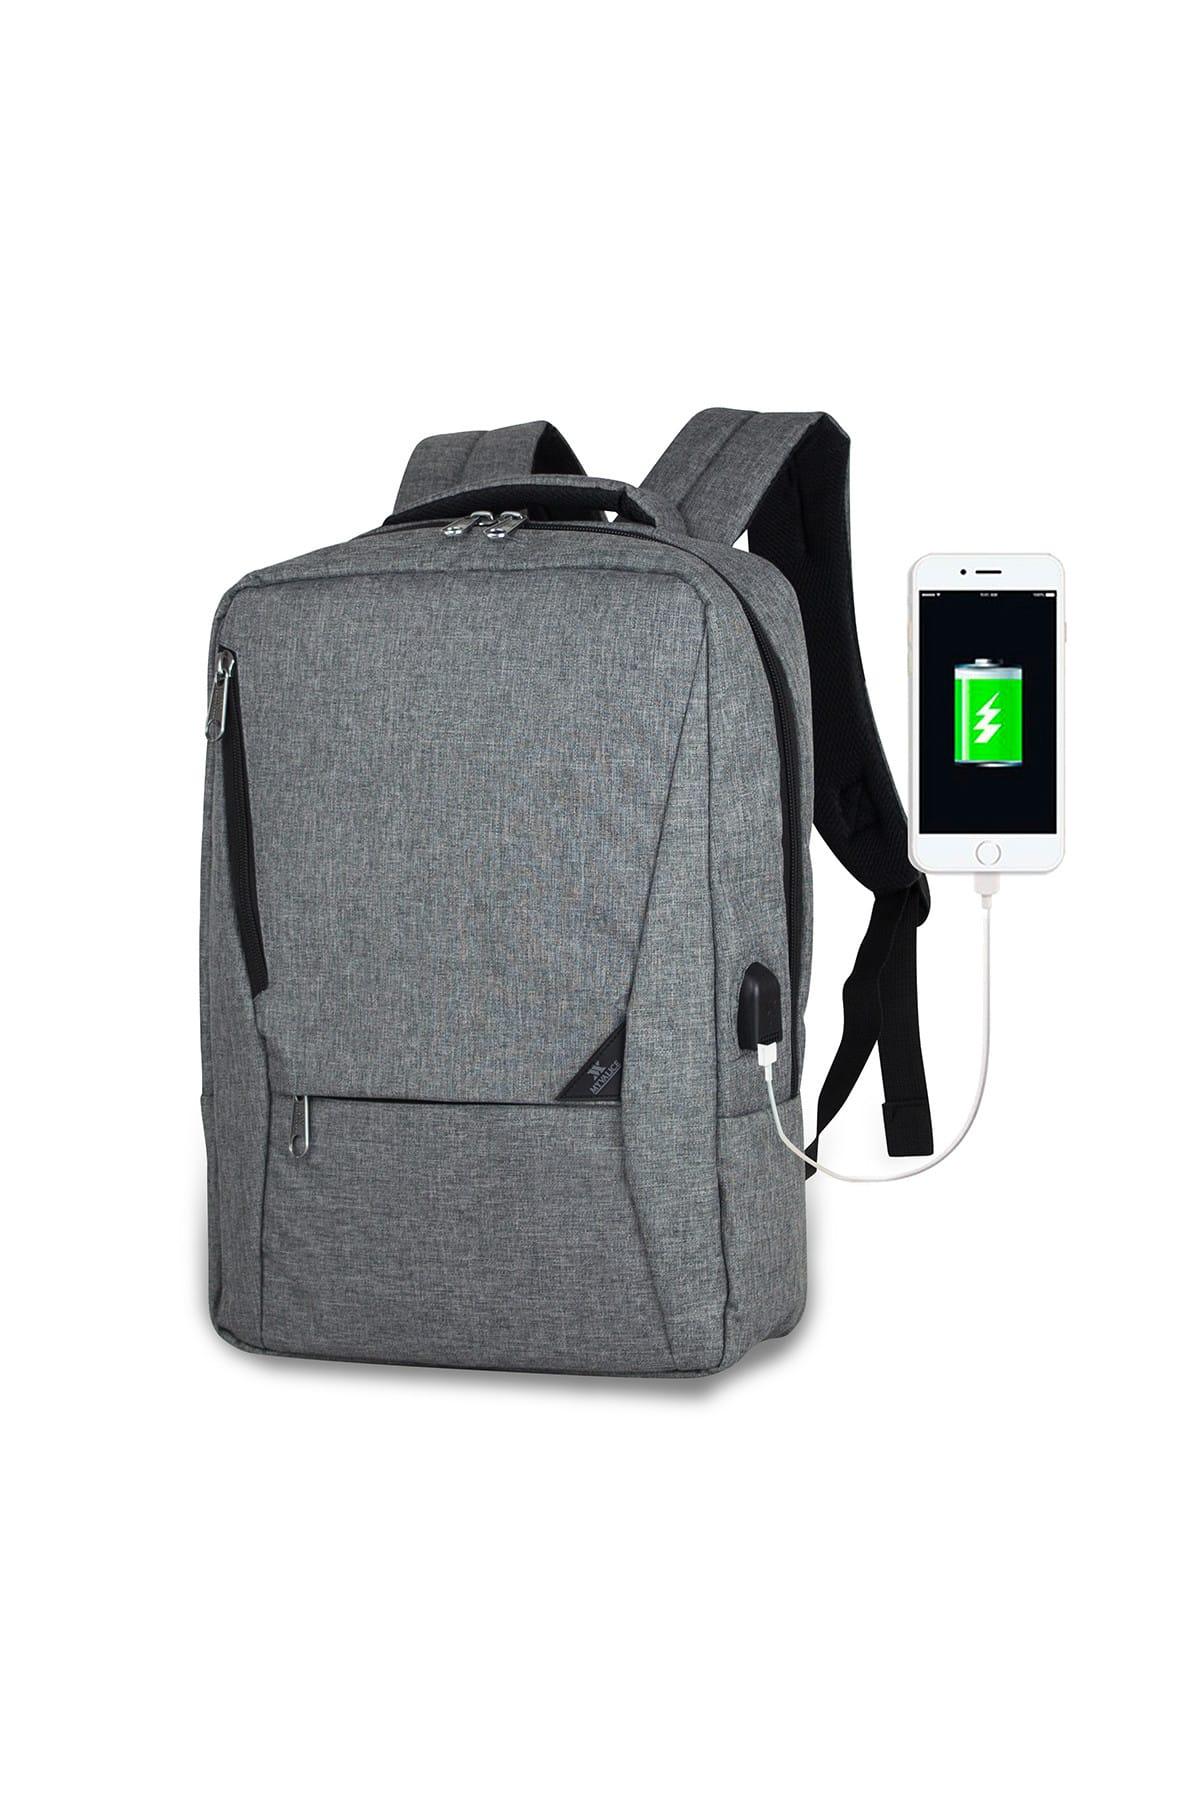 Smart Bag Active Usb Şarj Girişli Slim Notebook Sırt Çantası Gri